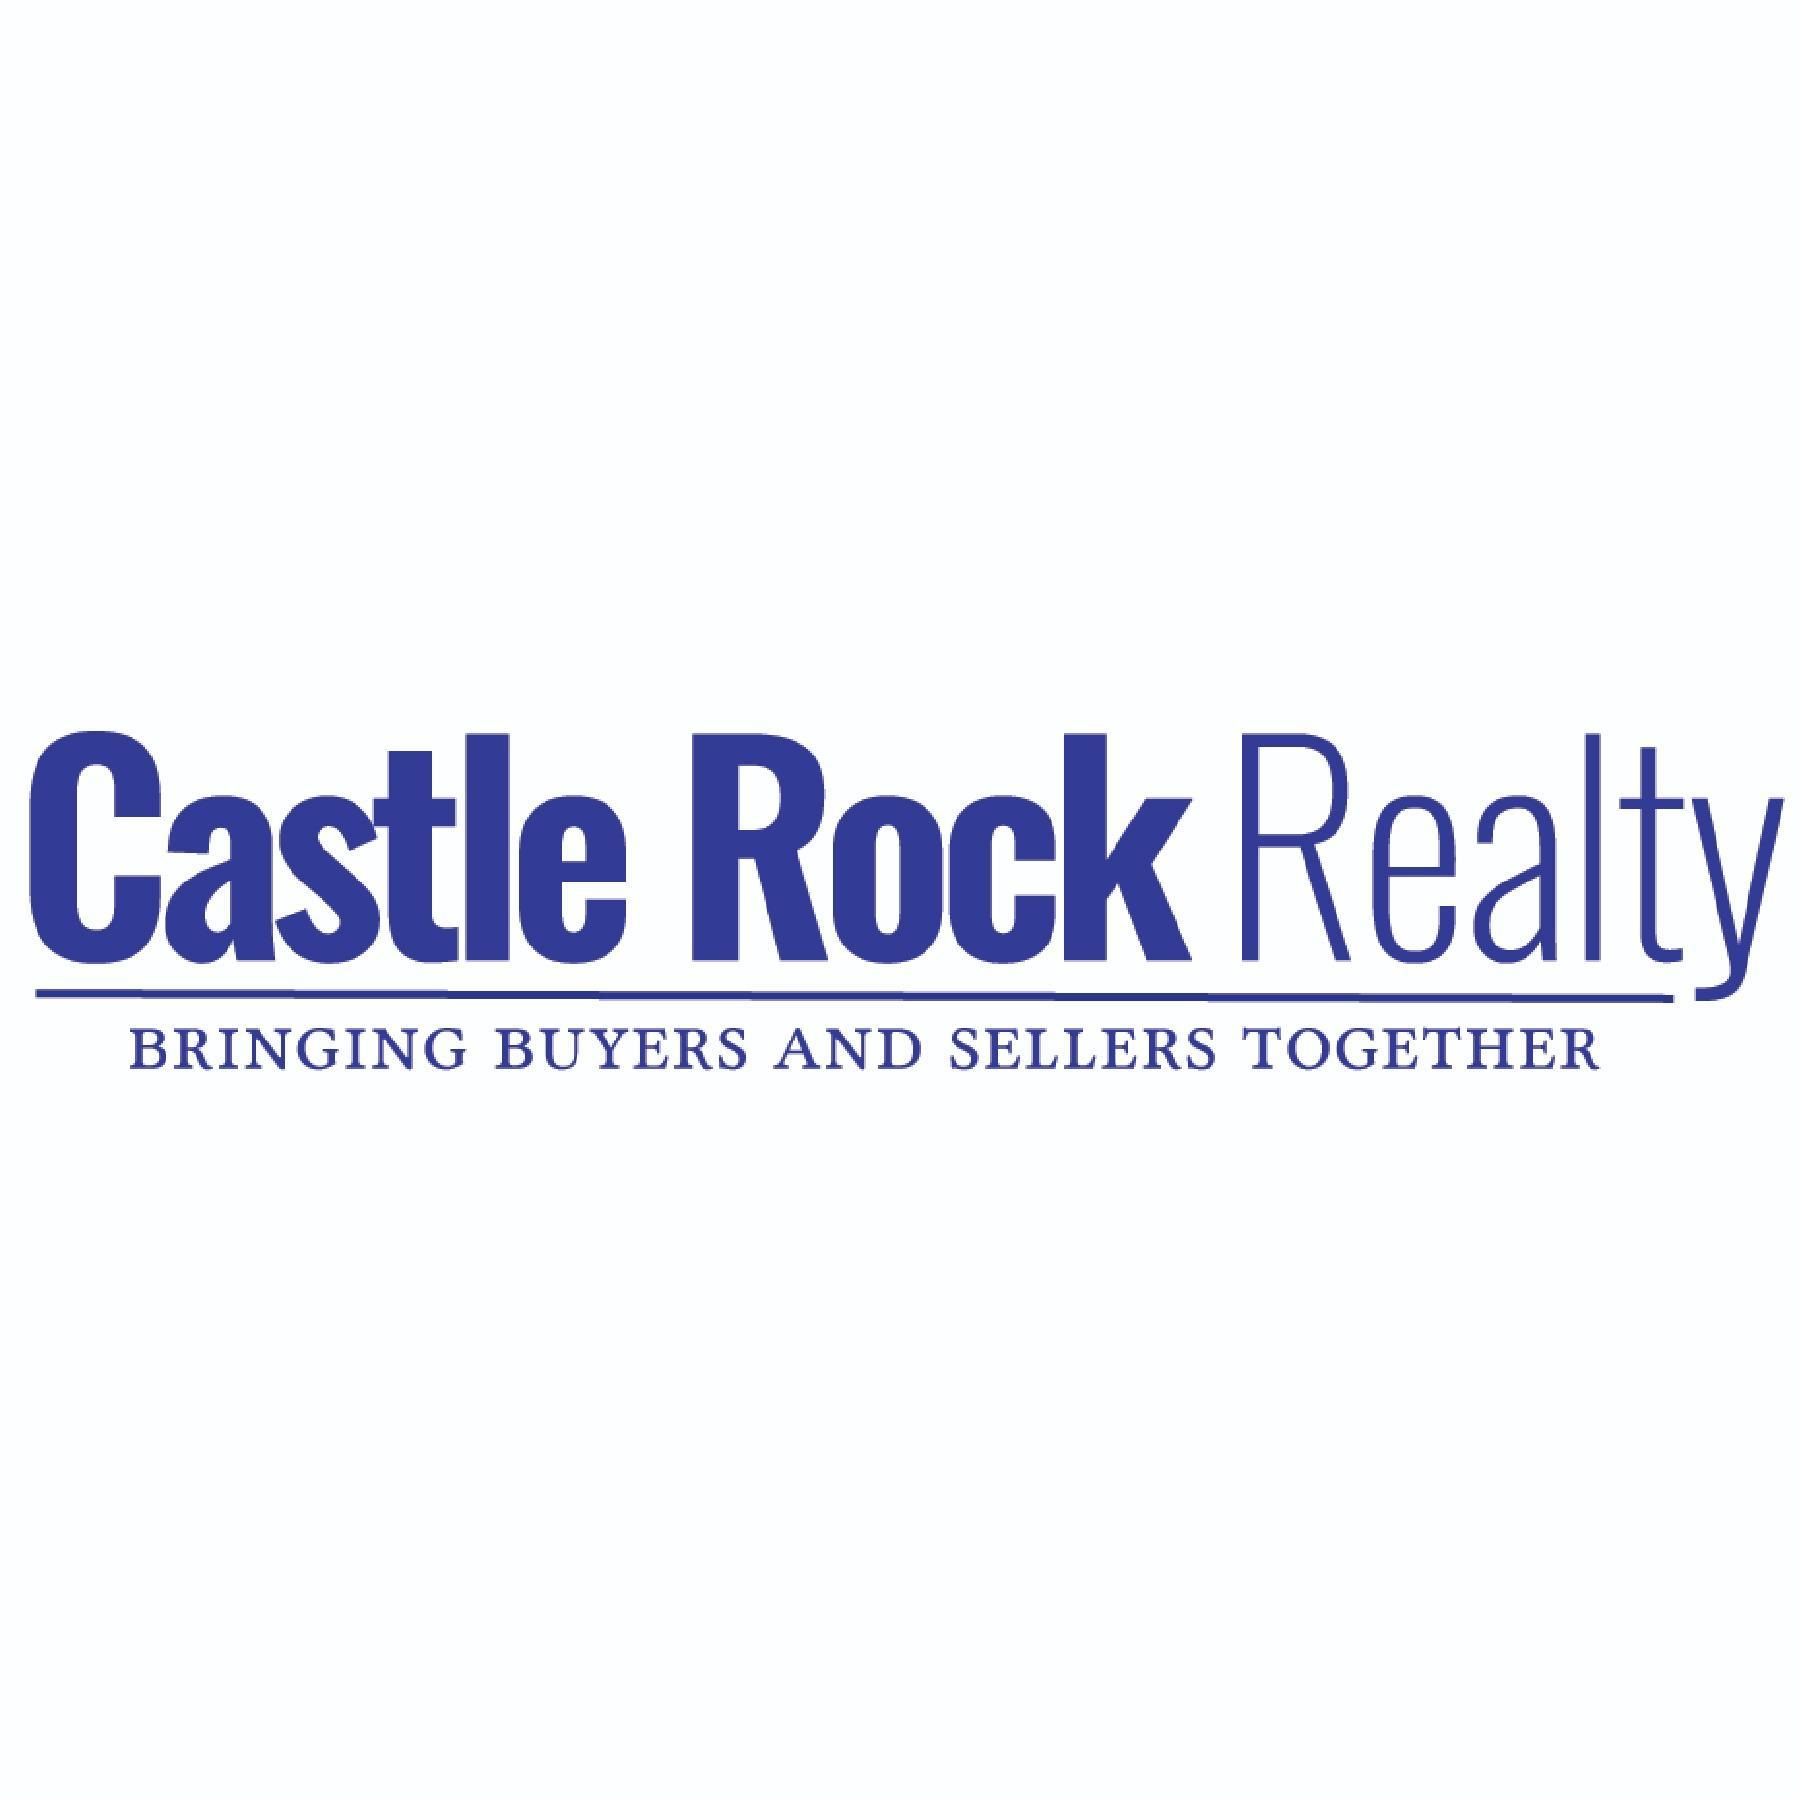 Castle Rock Realty